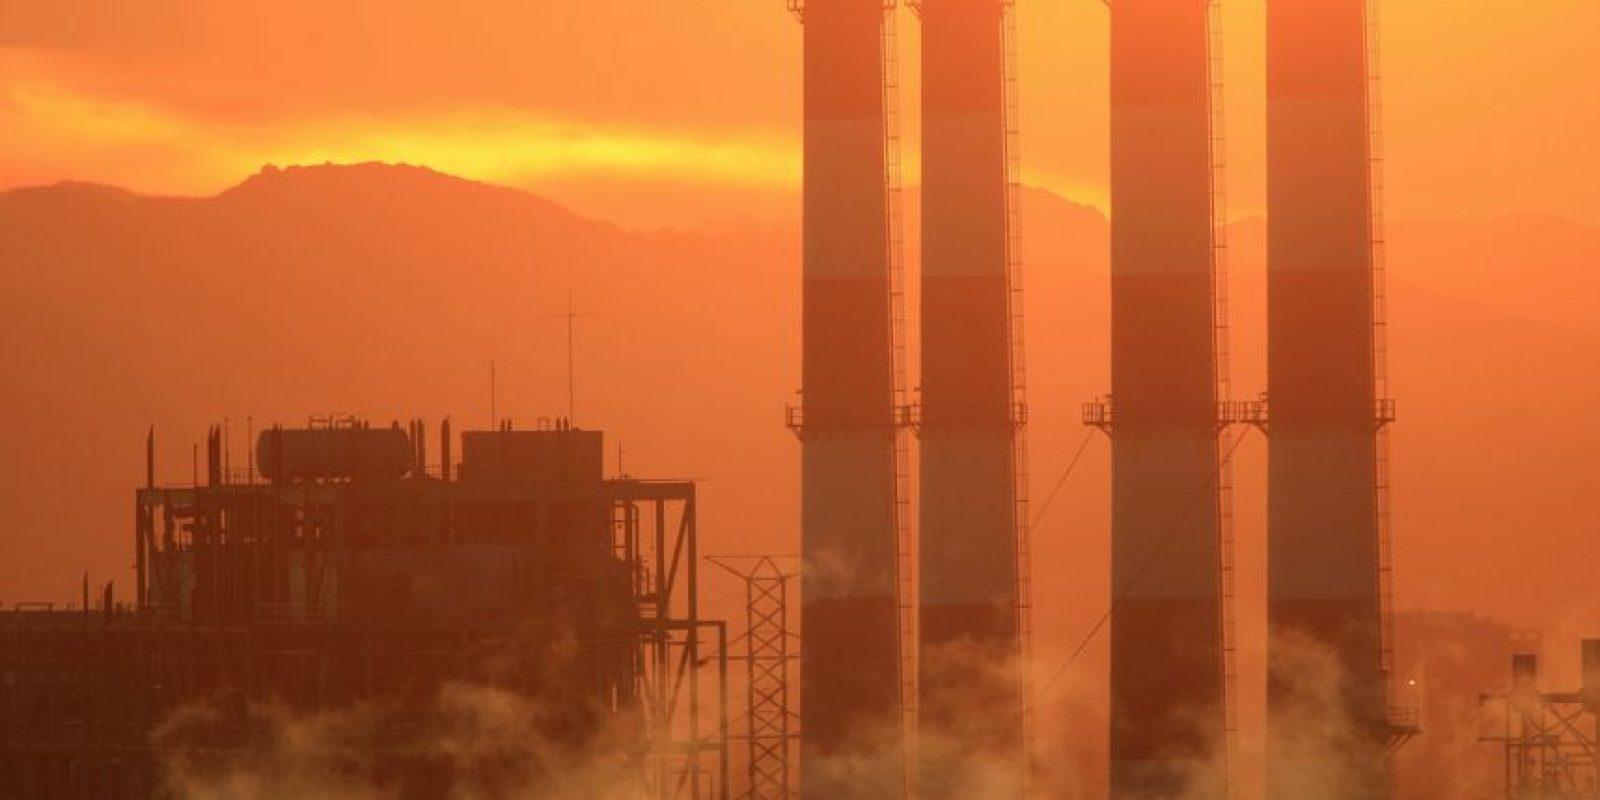 Mientras que Estados Unidos, que ha emitido un tercio de toda la contaminación de carbono en la atmósfera, se ha colocado la responsabilidad de regular las emisiones de dióxido de carbono en la Agencia de Protección del Medio Ambiente, lejos de las disputas políticas en Washington DC. Foto:Getty Images